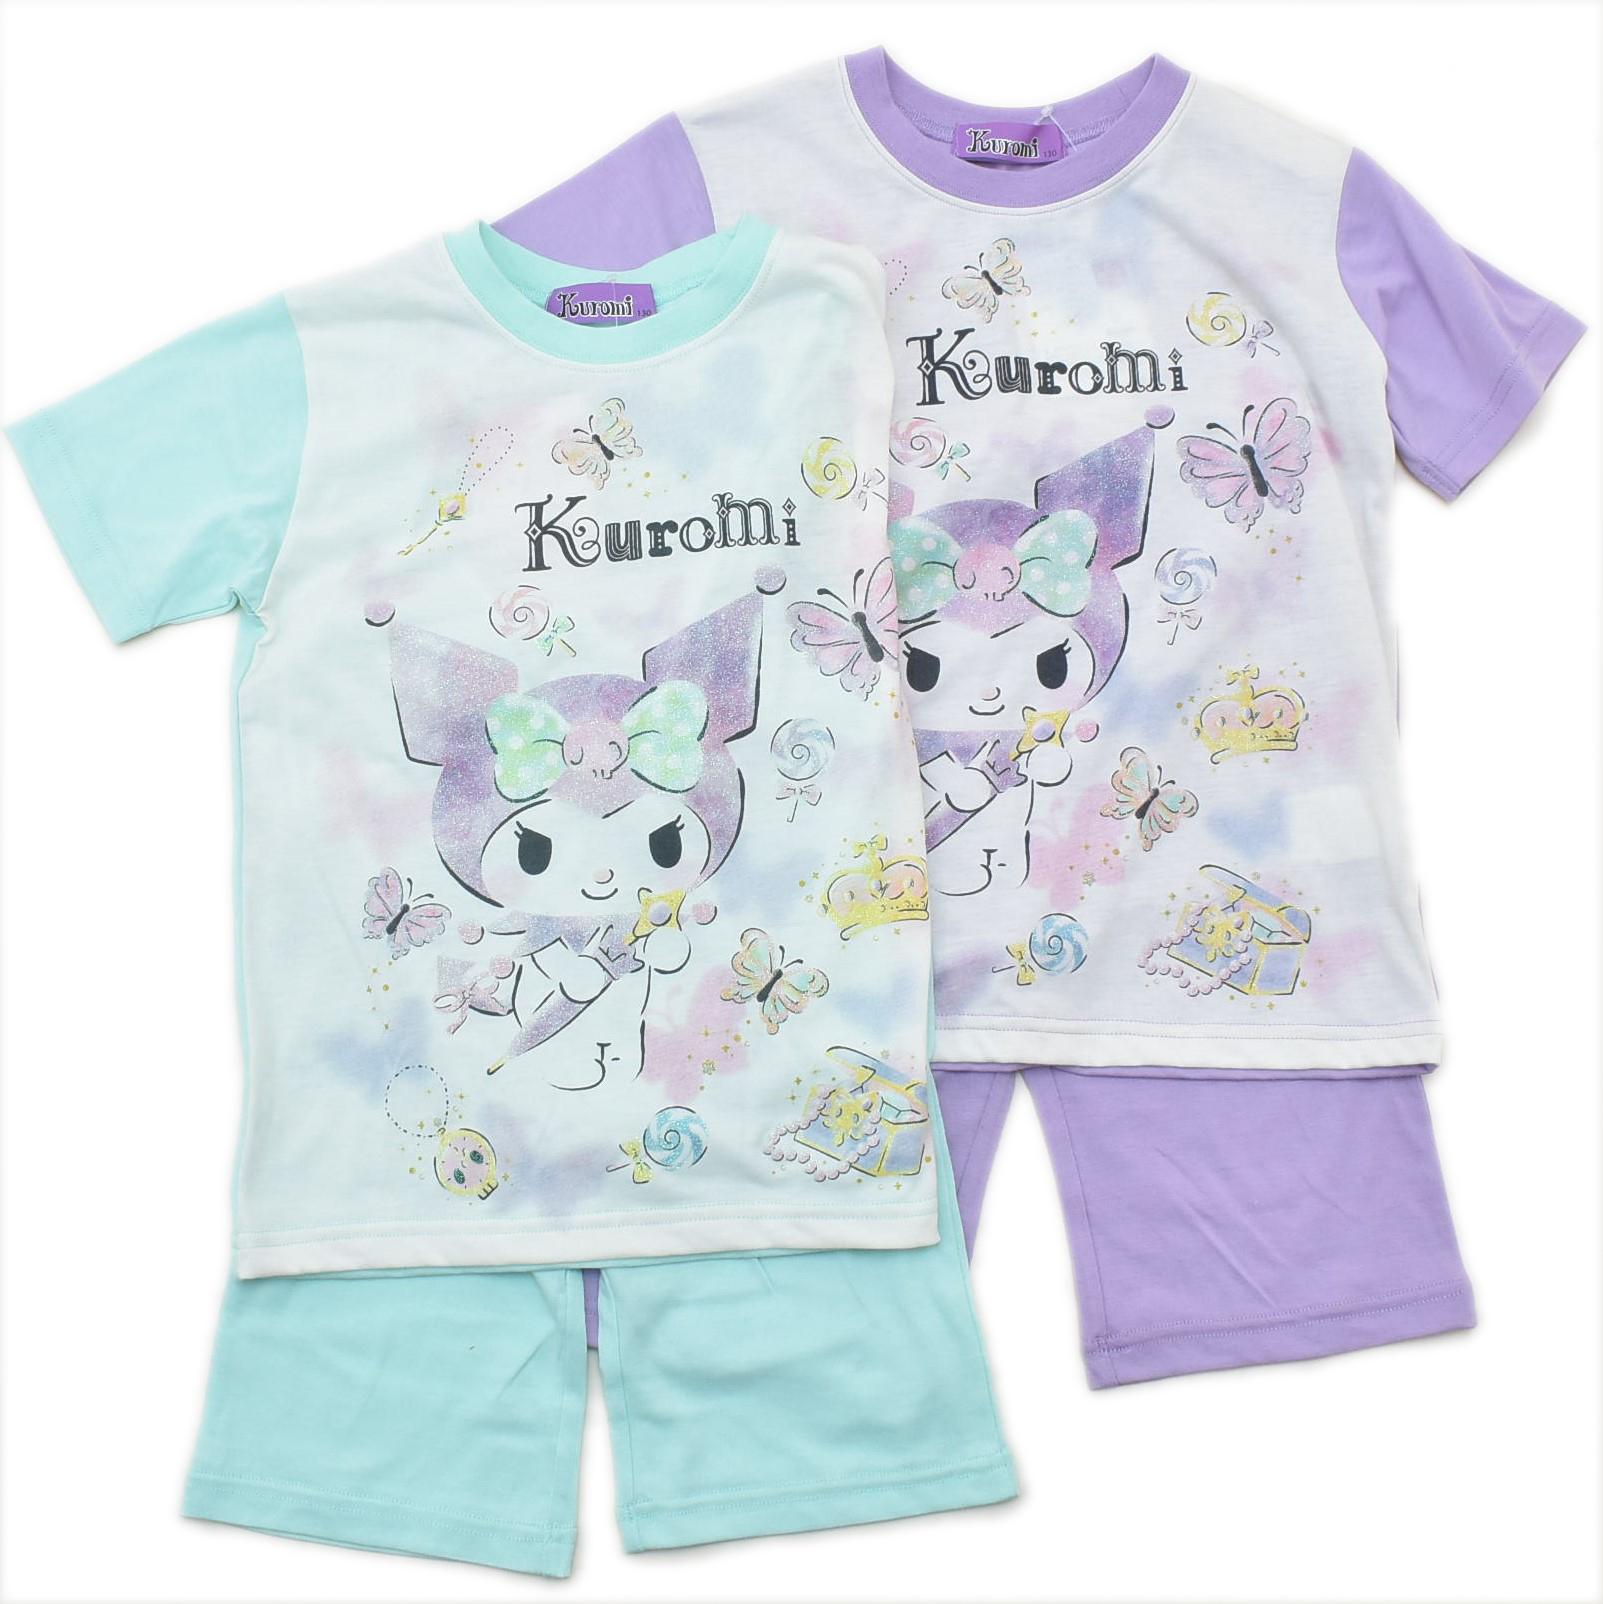 サンリオ クロミちゃん kuromi  半袖Tシャツ生地のパジャマ ジュニア 130cm-150cm  (032KU0072)